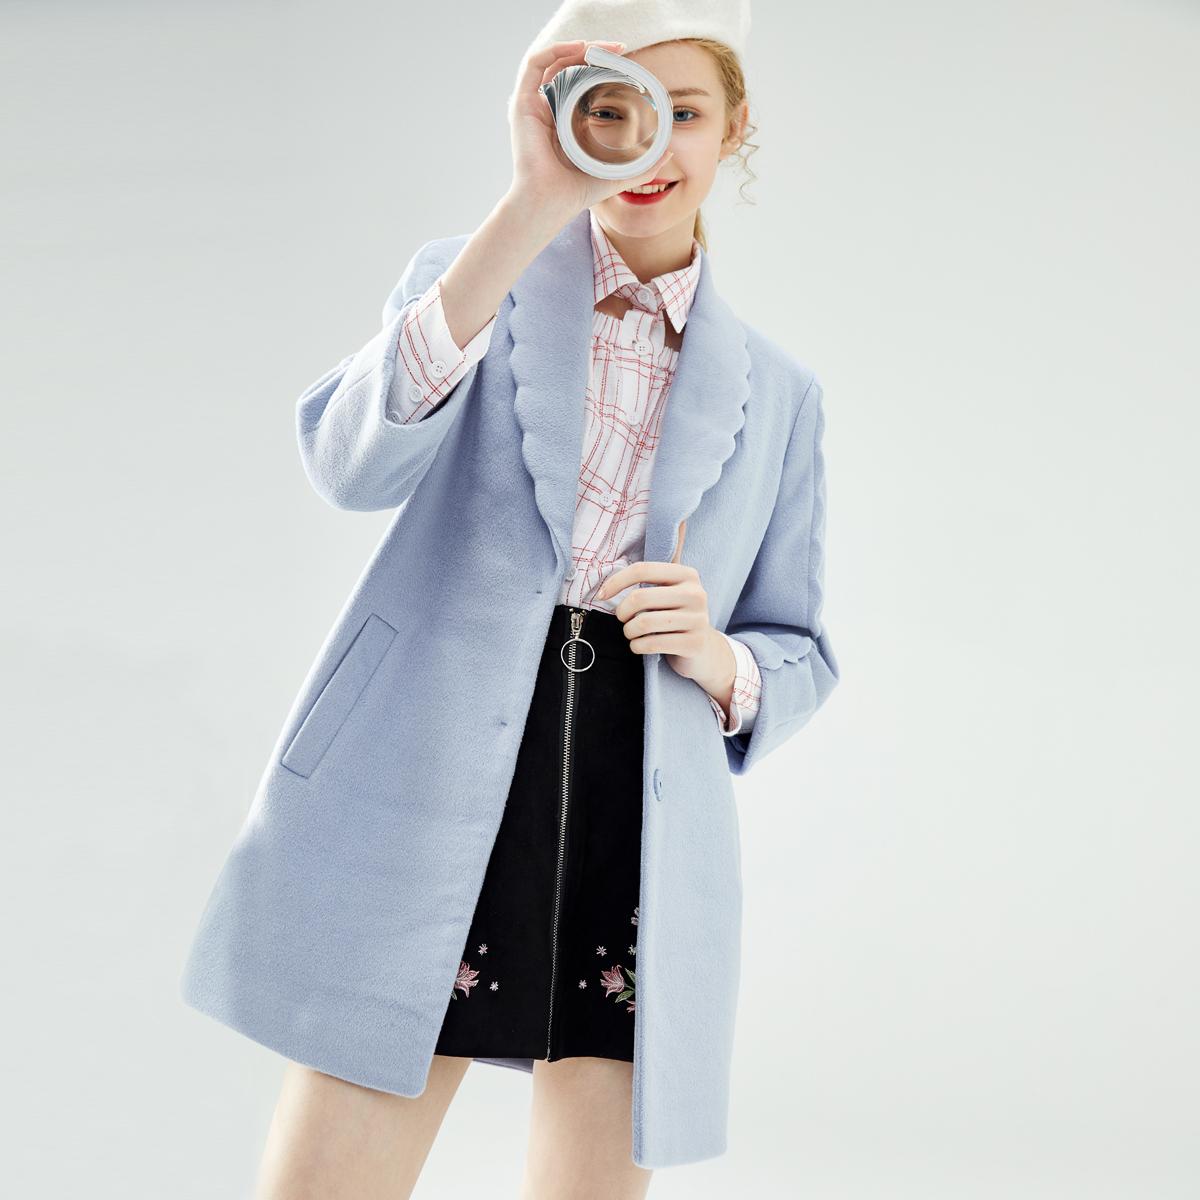 Lecho 2018 mùa thu và mùa đông phụ nữ Hàn Quốc phiên bản của áo len nữ phần dài dày sinh viên áo len thủy triều